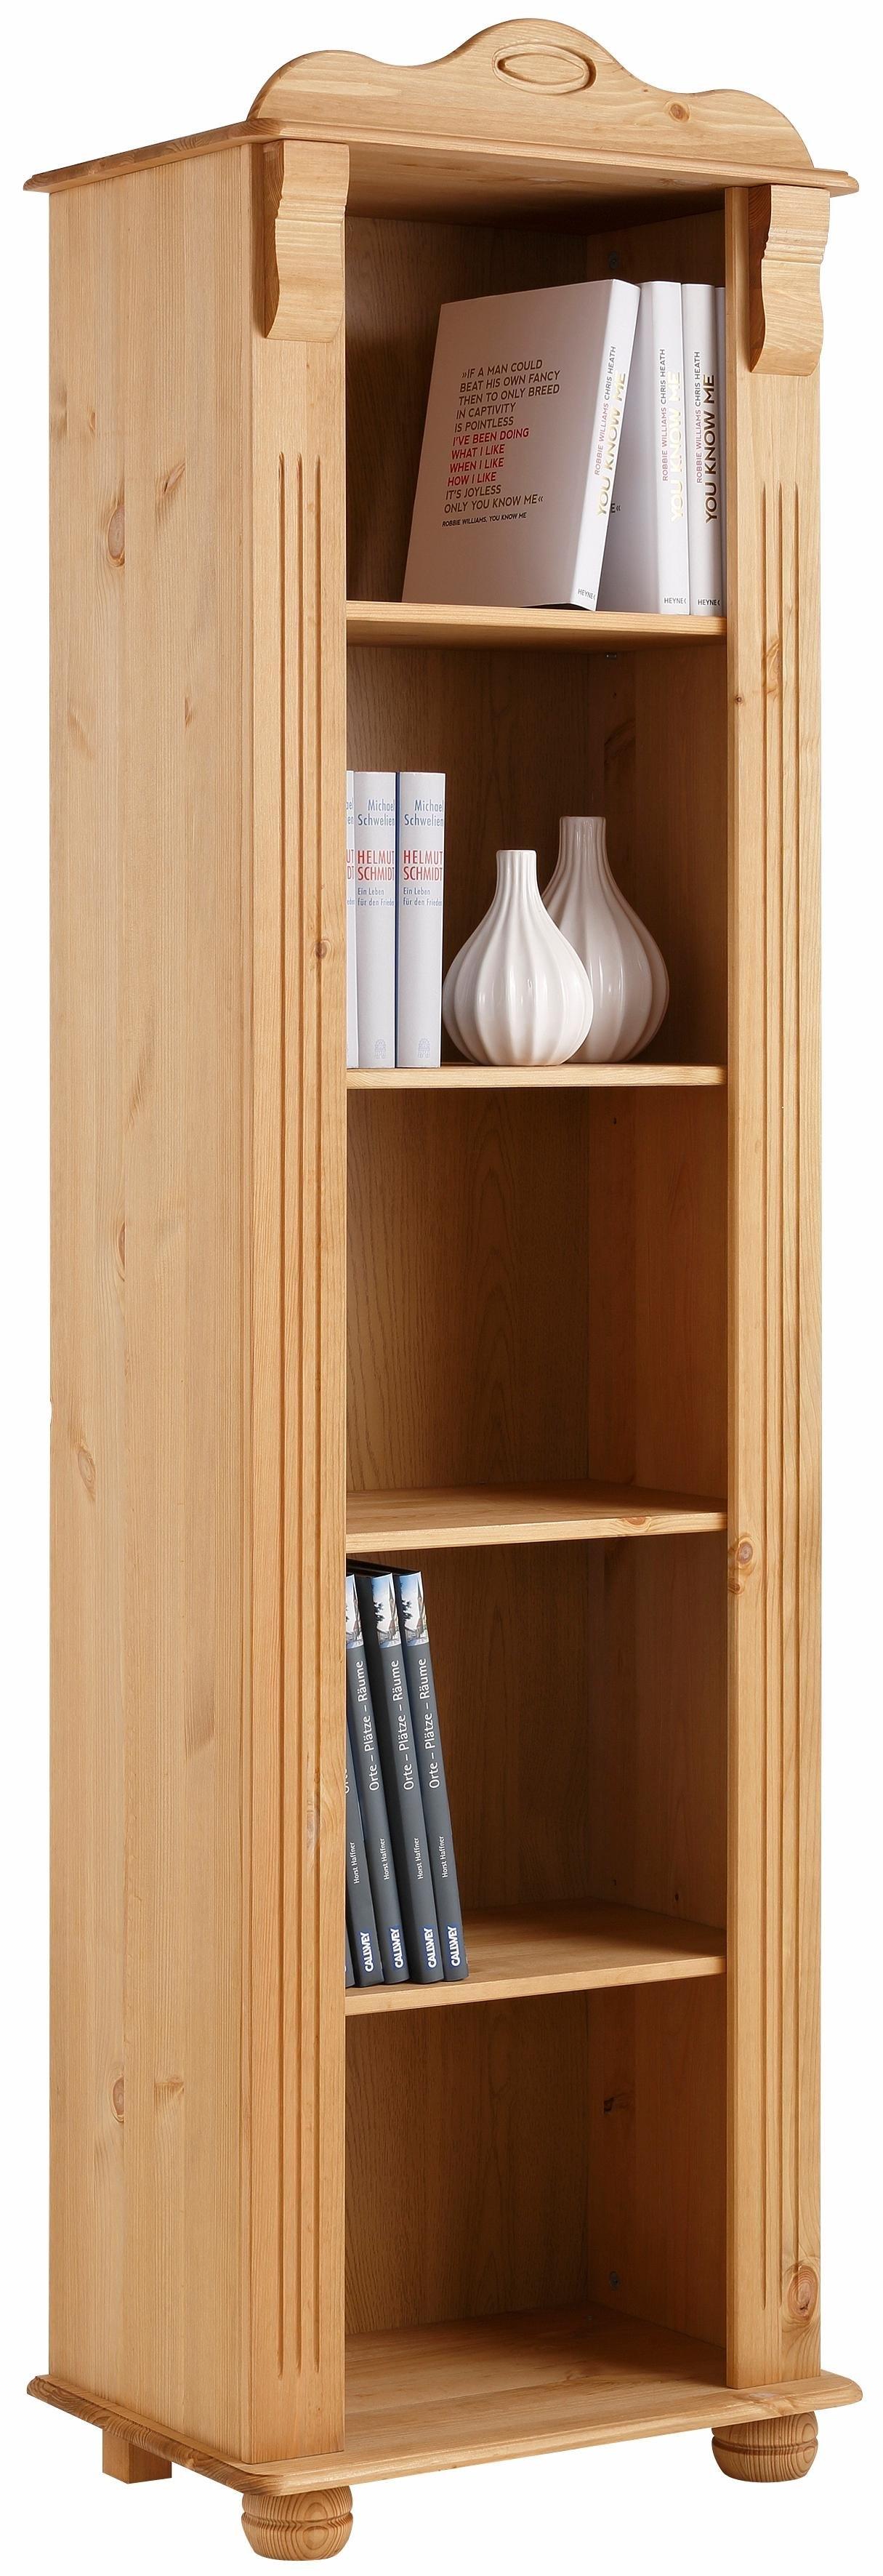 Goedkope boekenkast vanaf € 49,99 in diverse afmetingen | OTTO